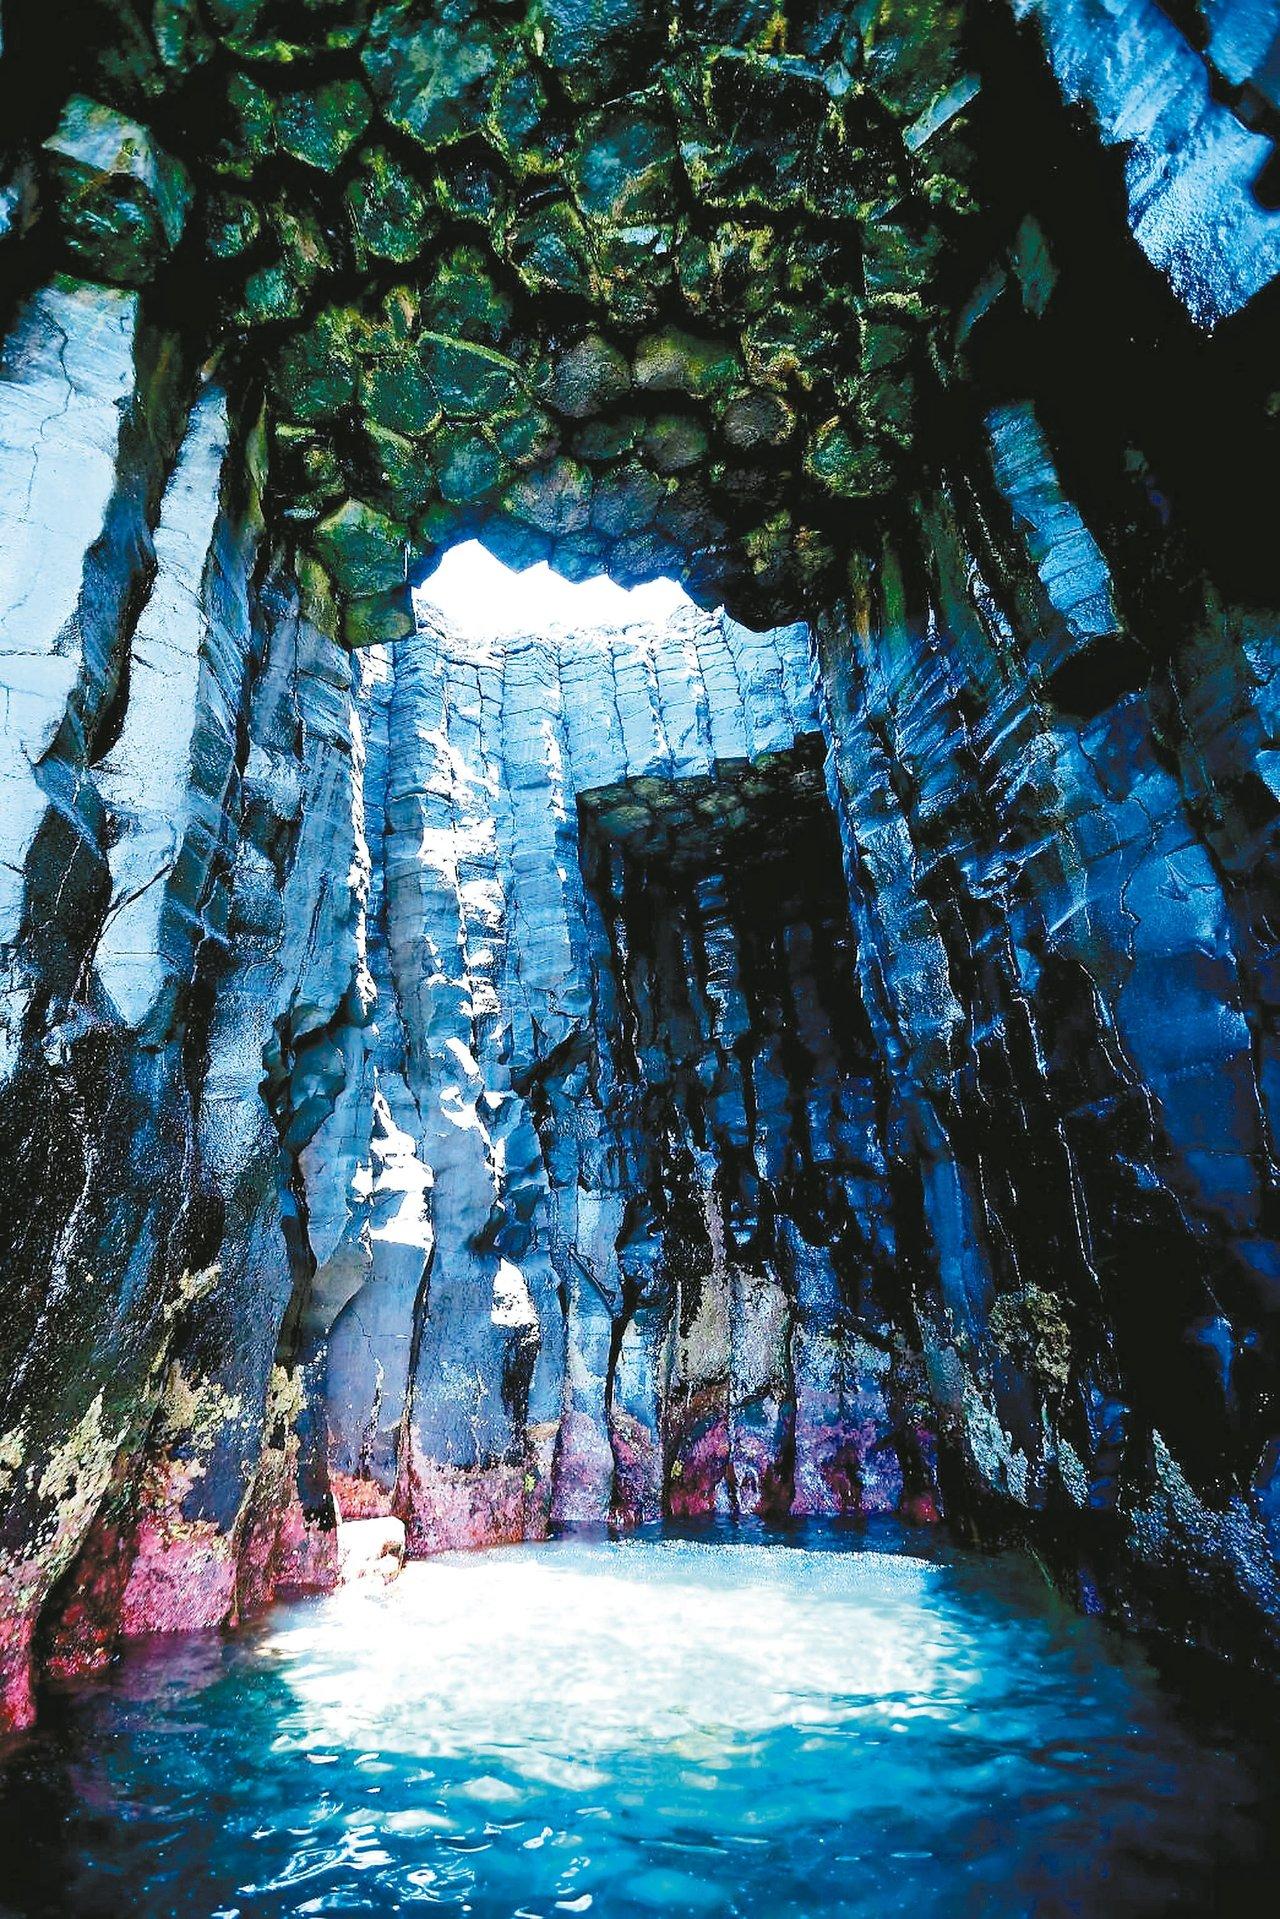 澎湖擁有許多世界級的地質遺址,四季遊賞各有風情。 圖/澎湖縣政府旅遊處提供